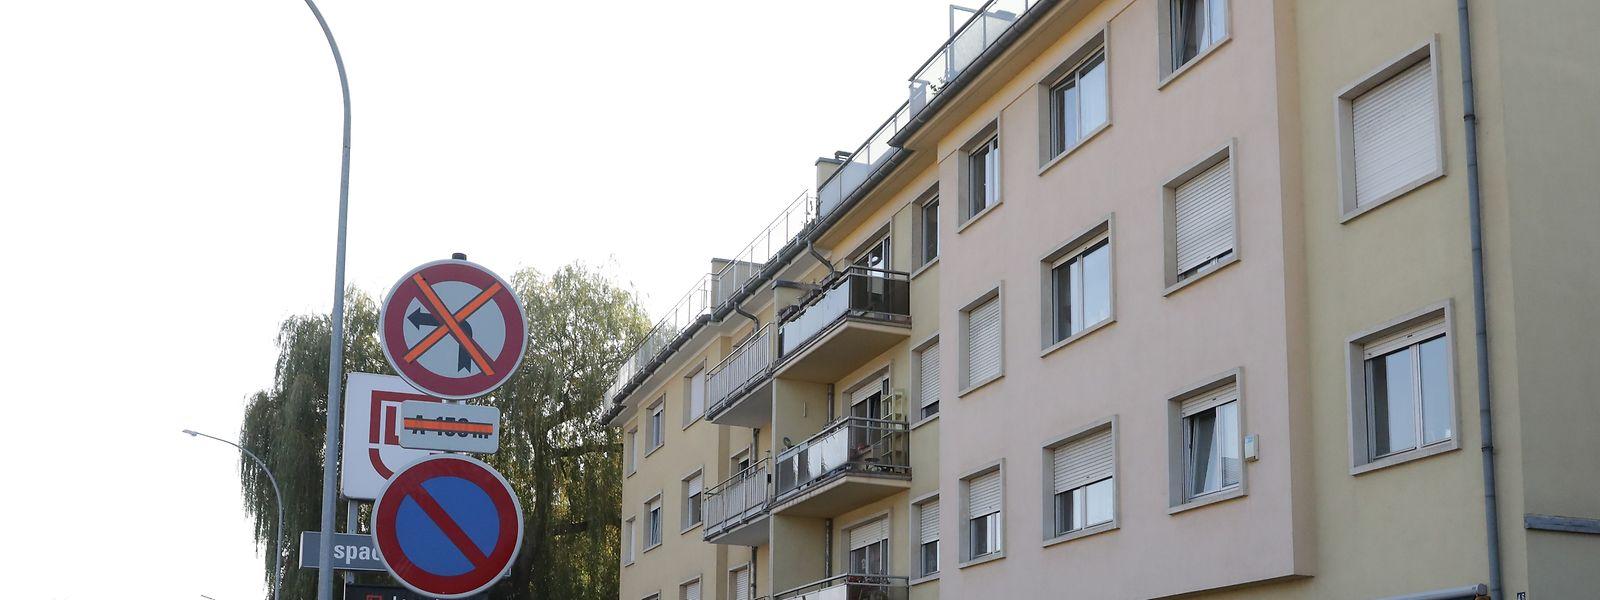 Der Überfall ereignete sich im Dezember 2008 in einem Mehrfamilienhaus in Bereldingen.